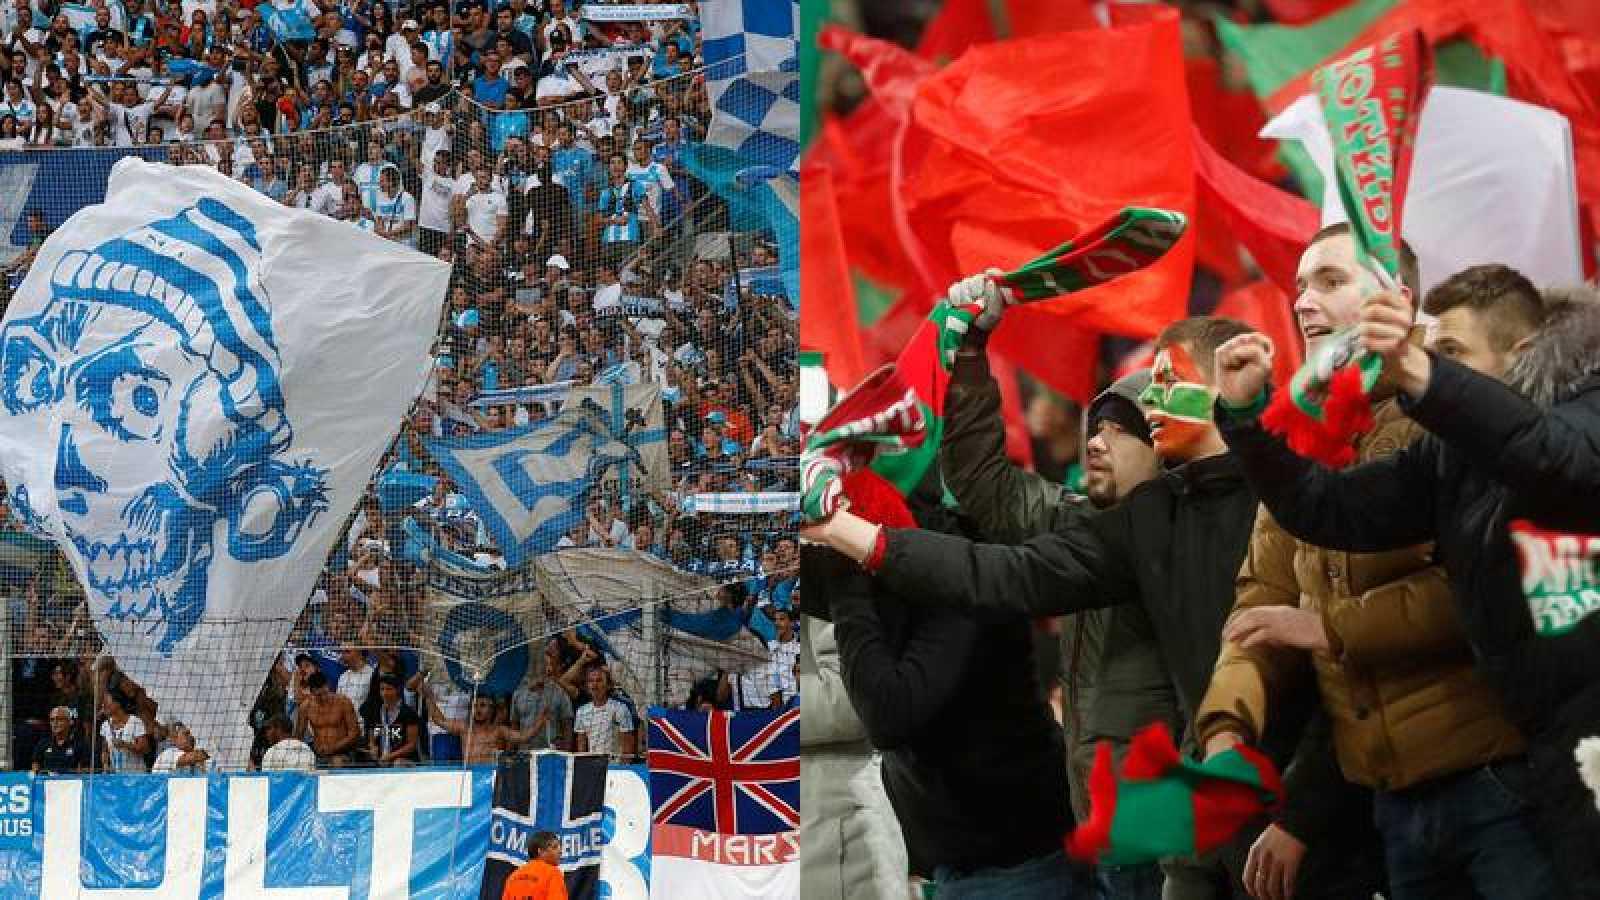 Los ultras del Lokomotiv y Marsella preocupan por su violencia